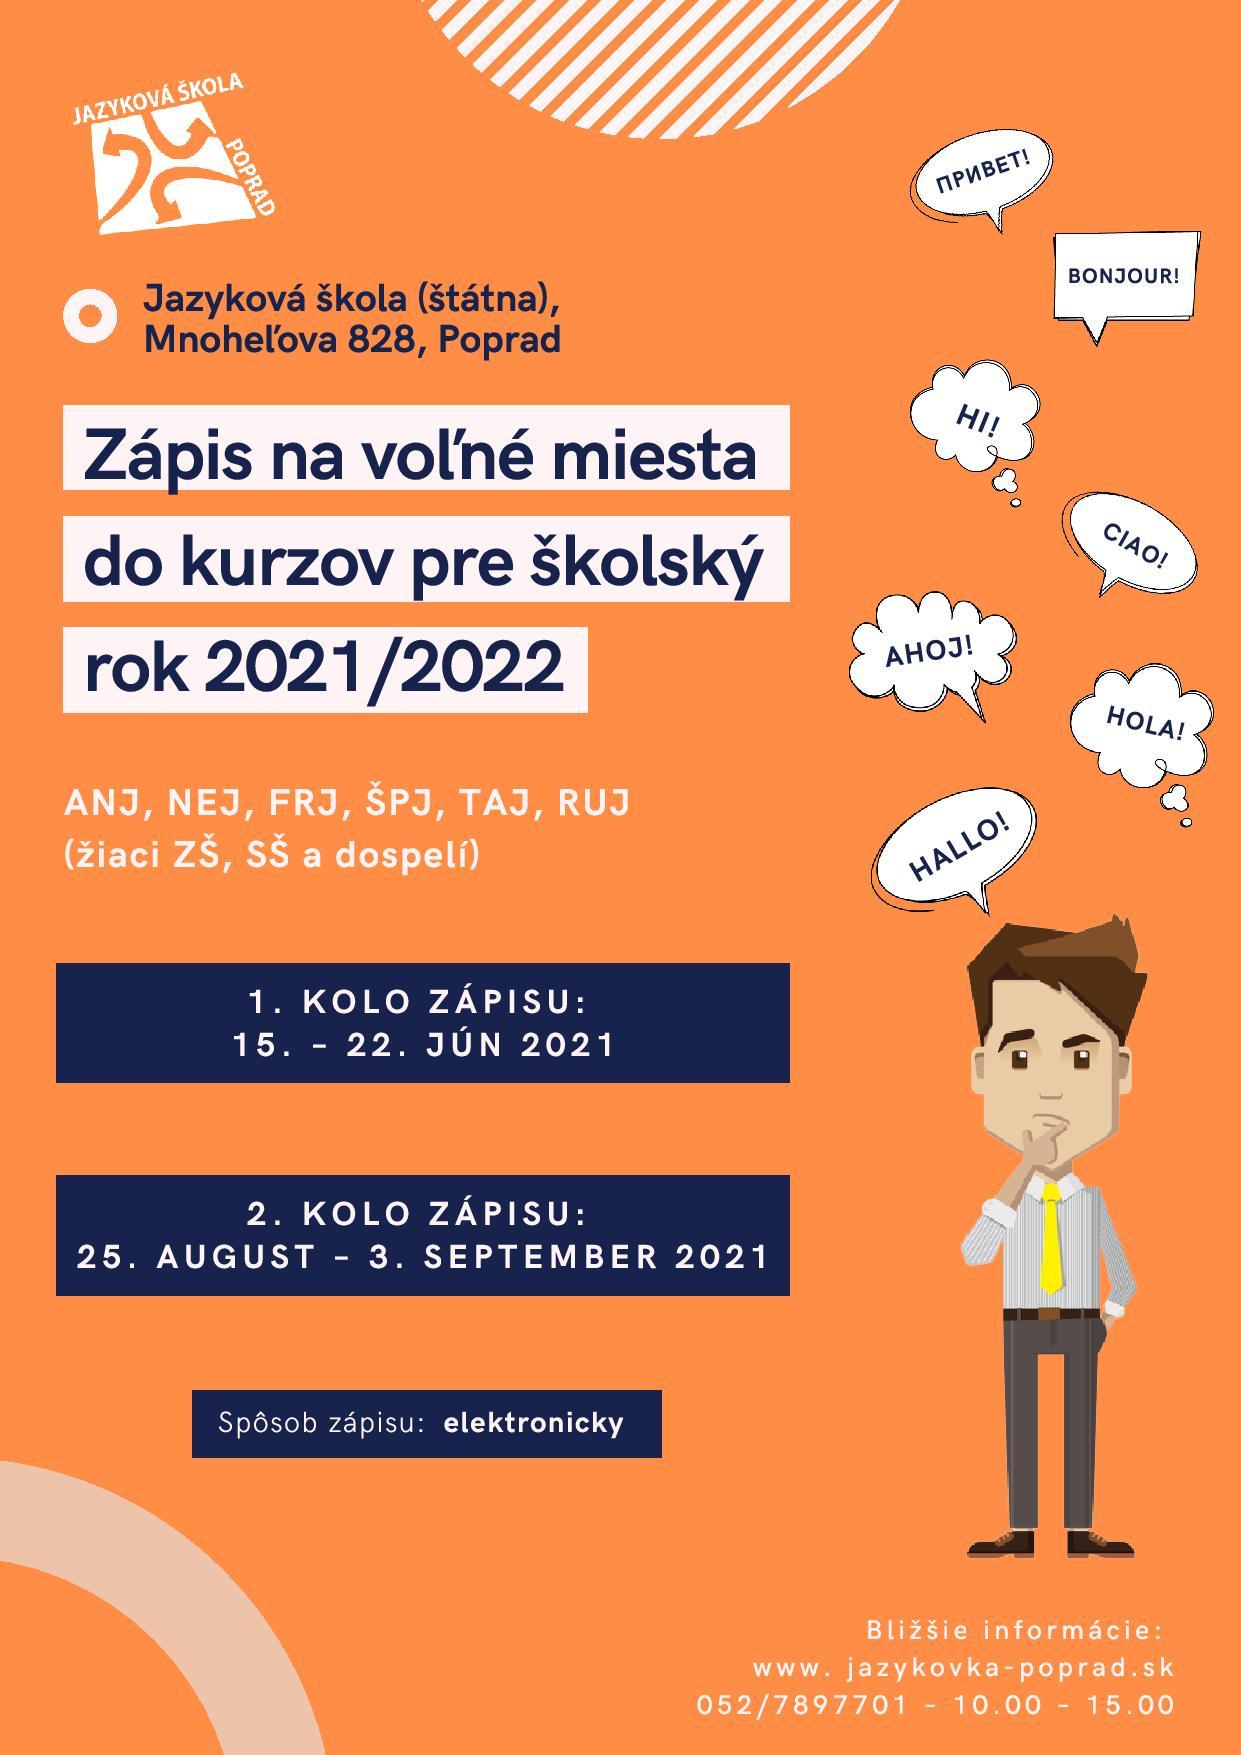 Zápis školský rok 2021/2022